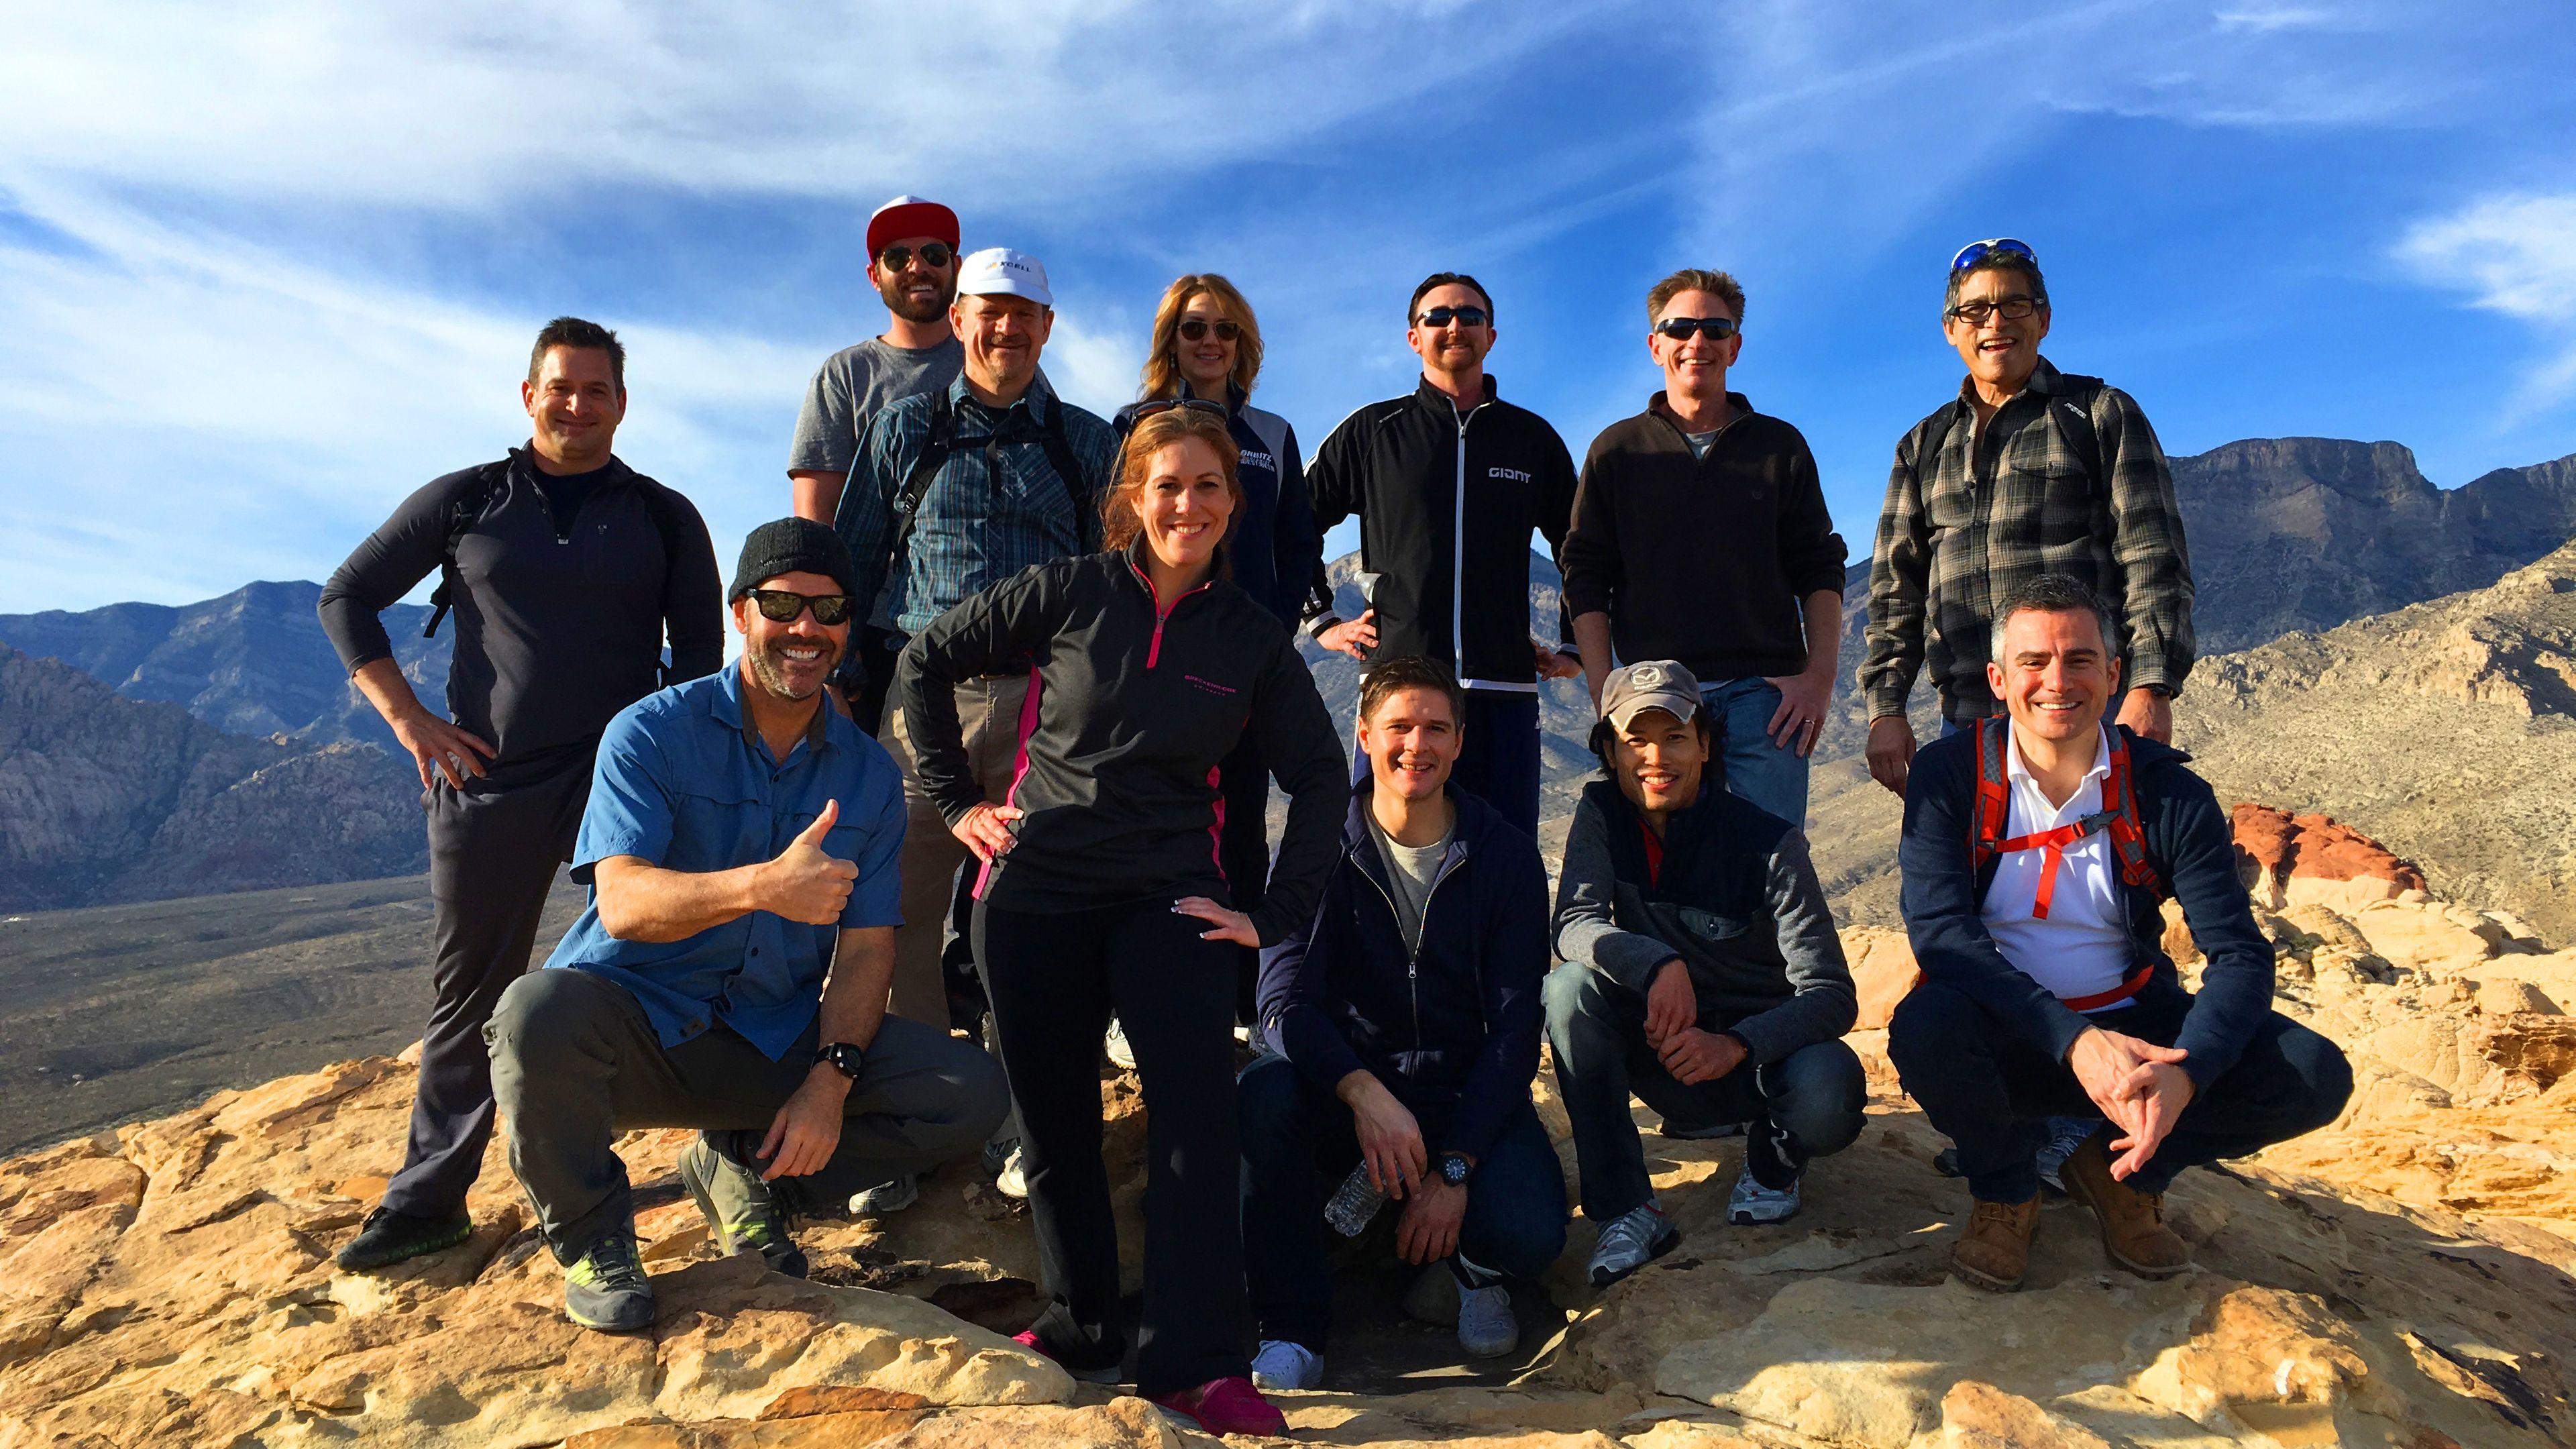 Hiking group in Las Vegas